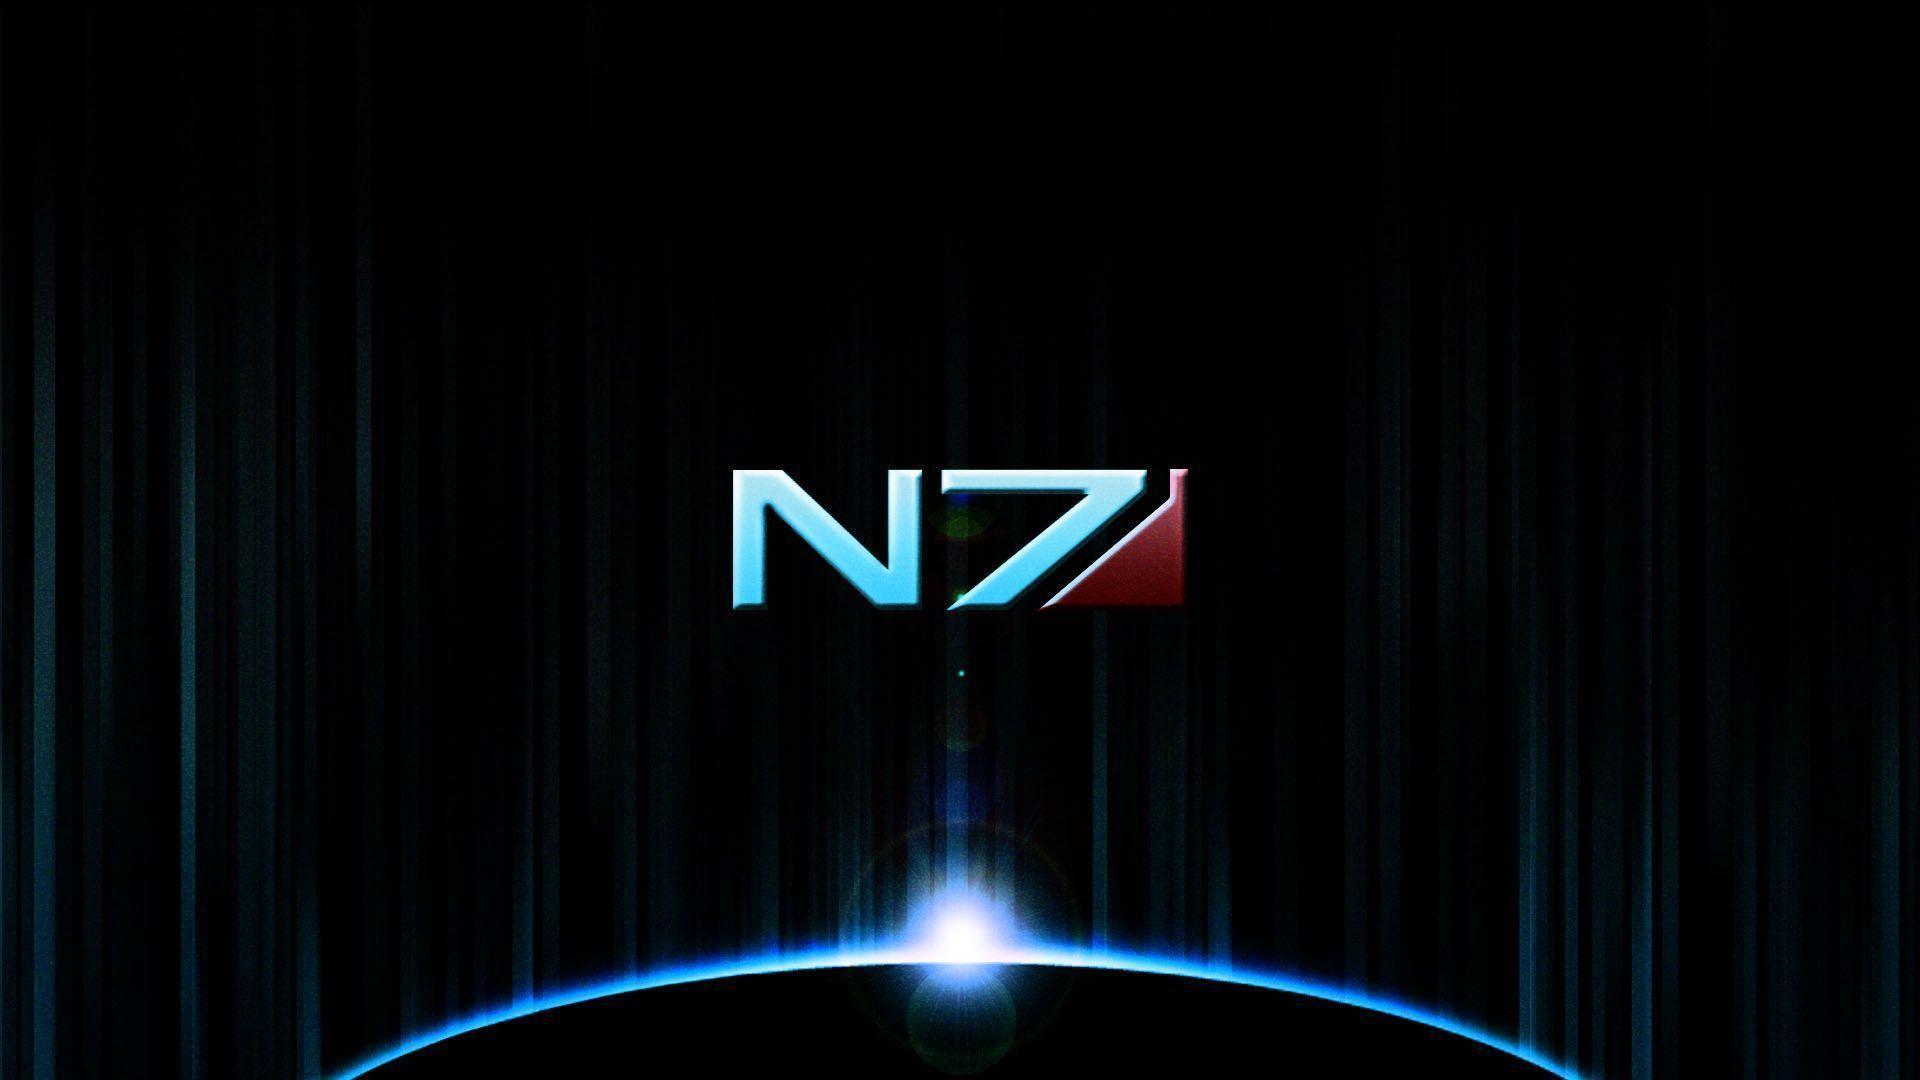 Mass Effect HD Wallpapers - Wallpaper Cave